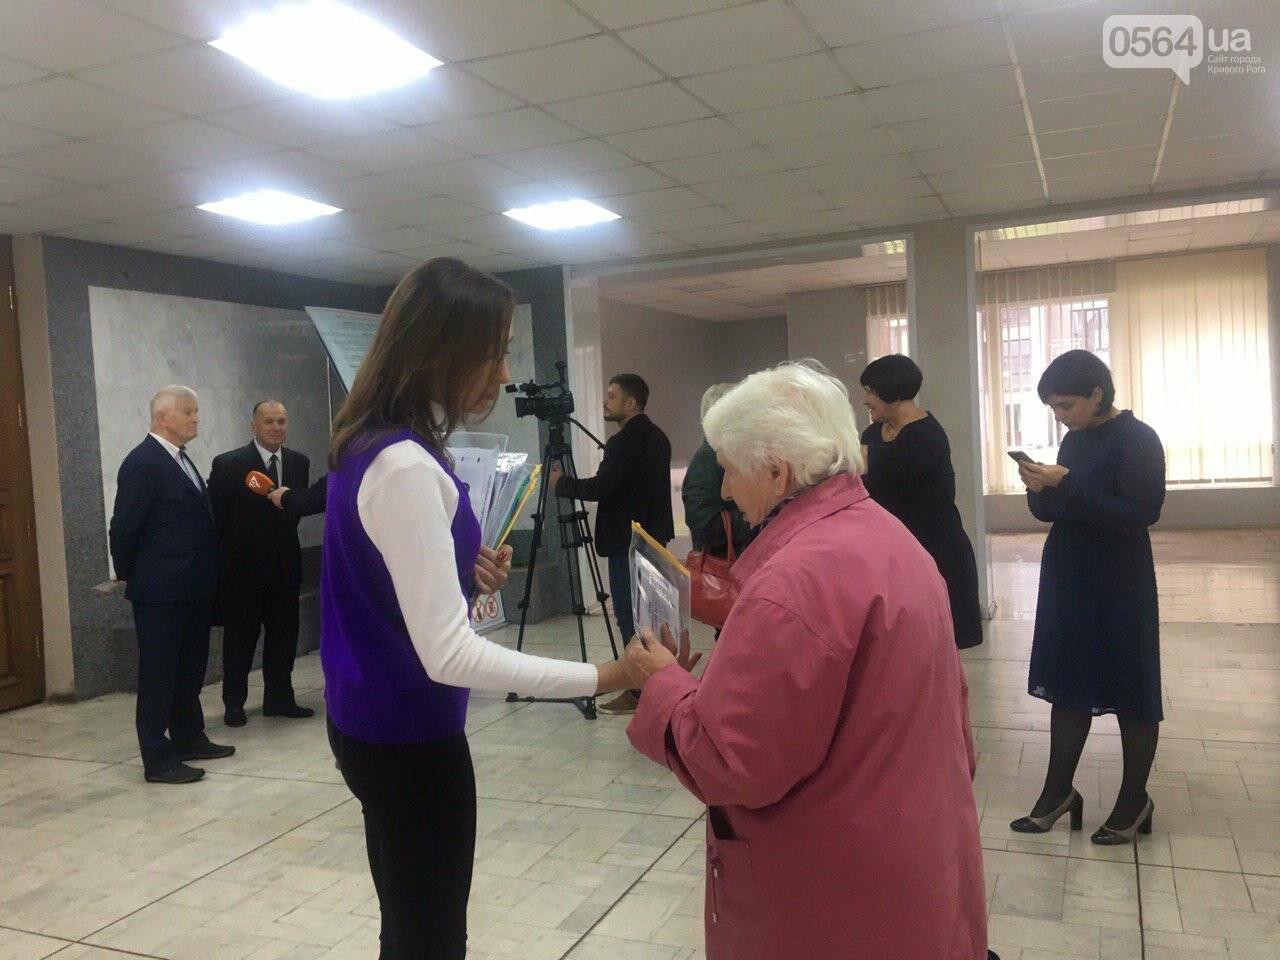 """На торжественном приеме мэр рассказал пожилым людям о развитии среднего бизнеса и """"карте криворожанина"""", - ФОТО, ВИДЕО, фото-42"""